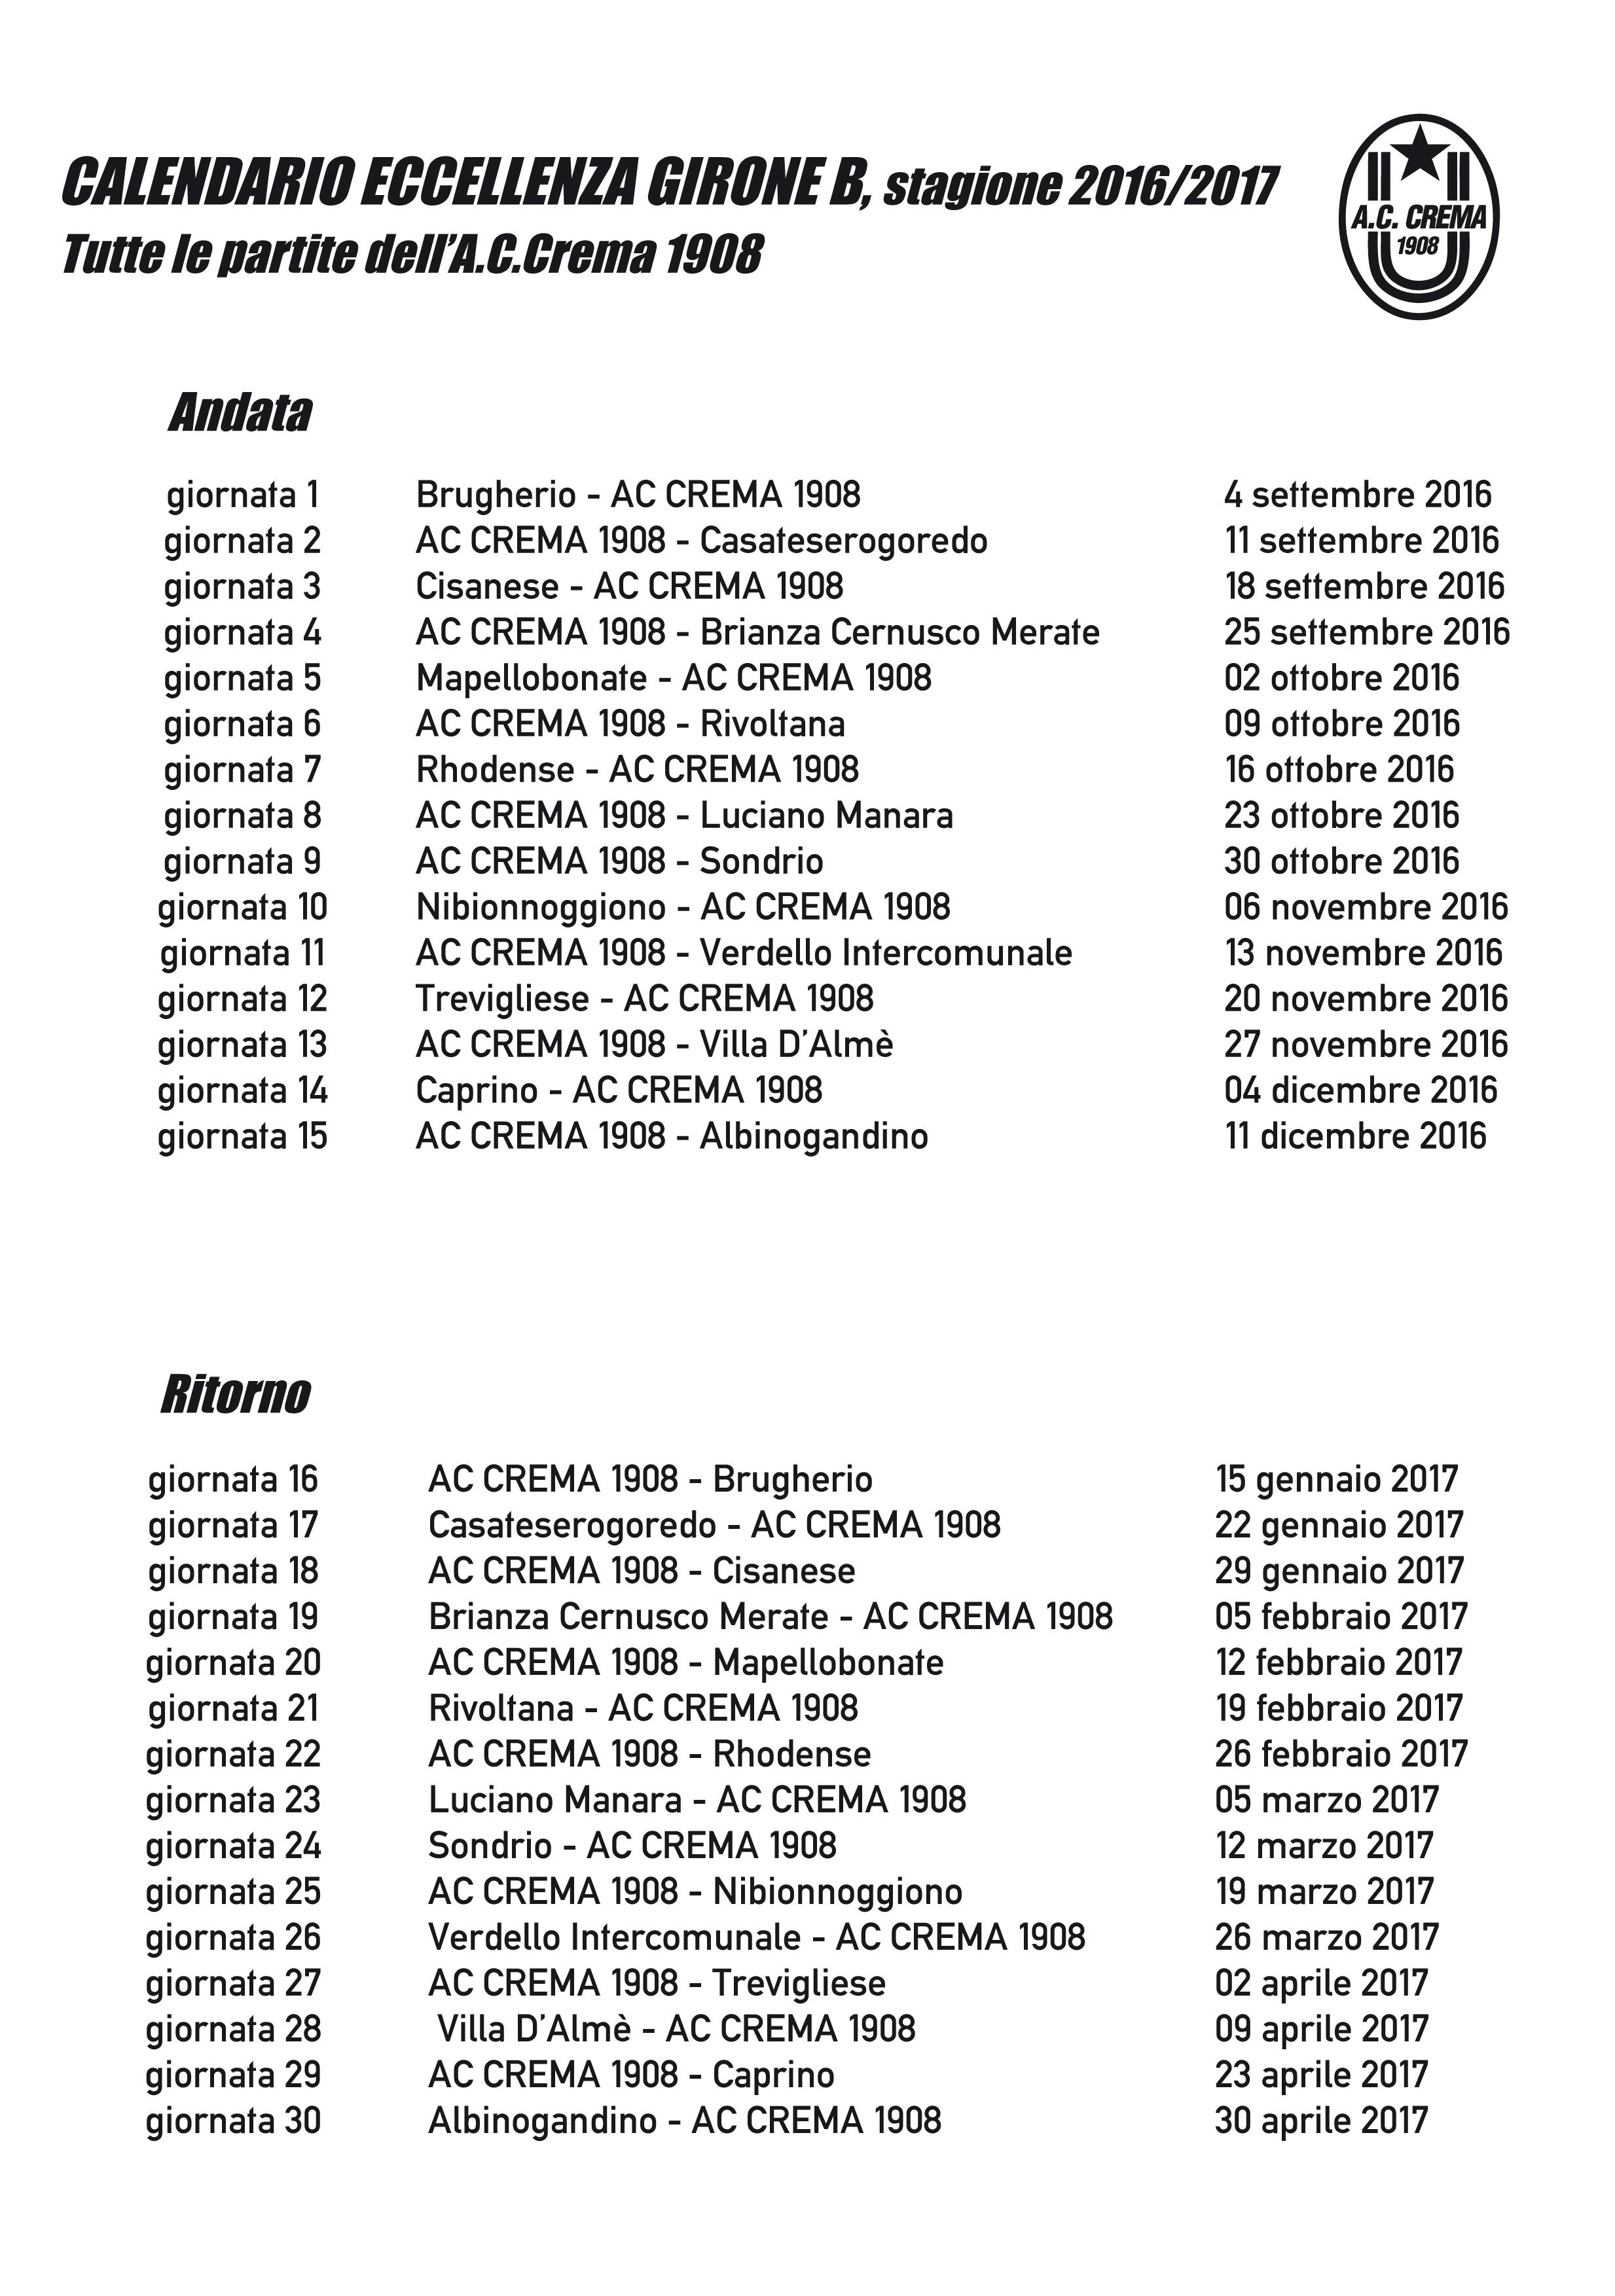 Calendario Eccellenza Girone B.A C Crema 1908 Calendario Eccellenza Girone B Stagione